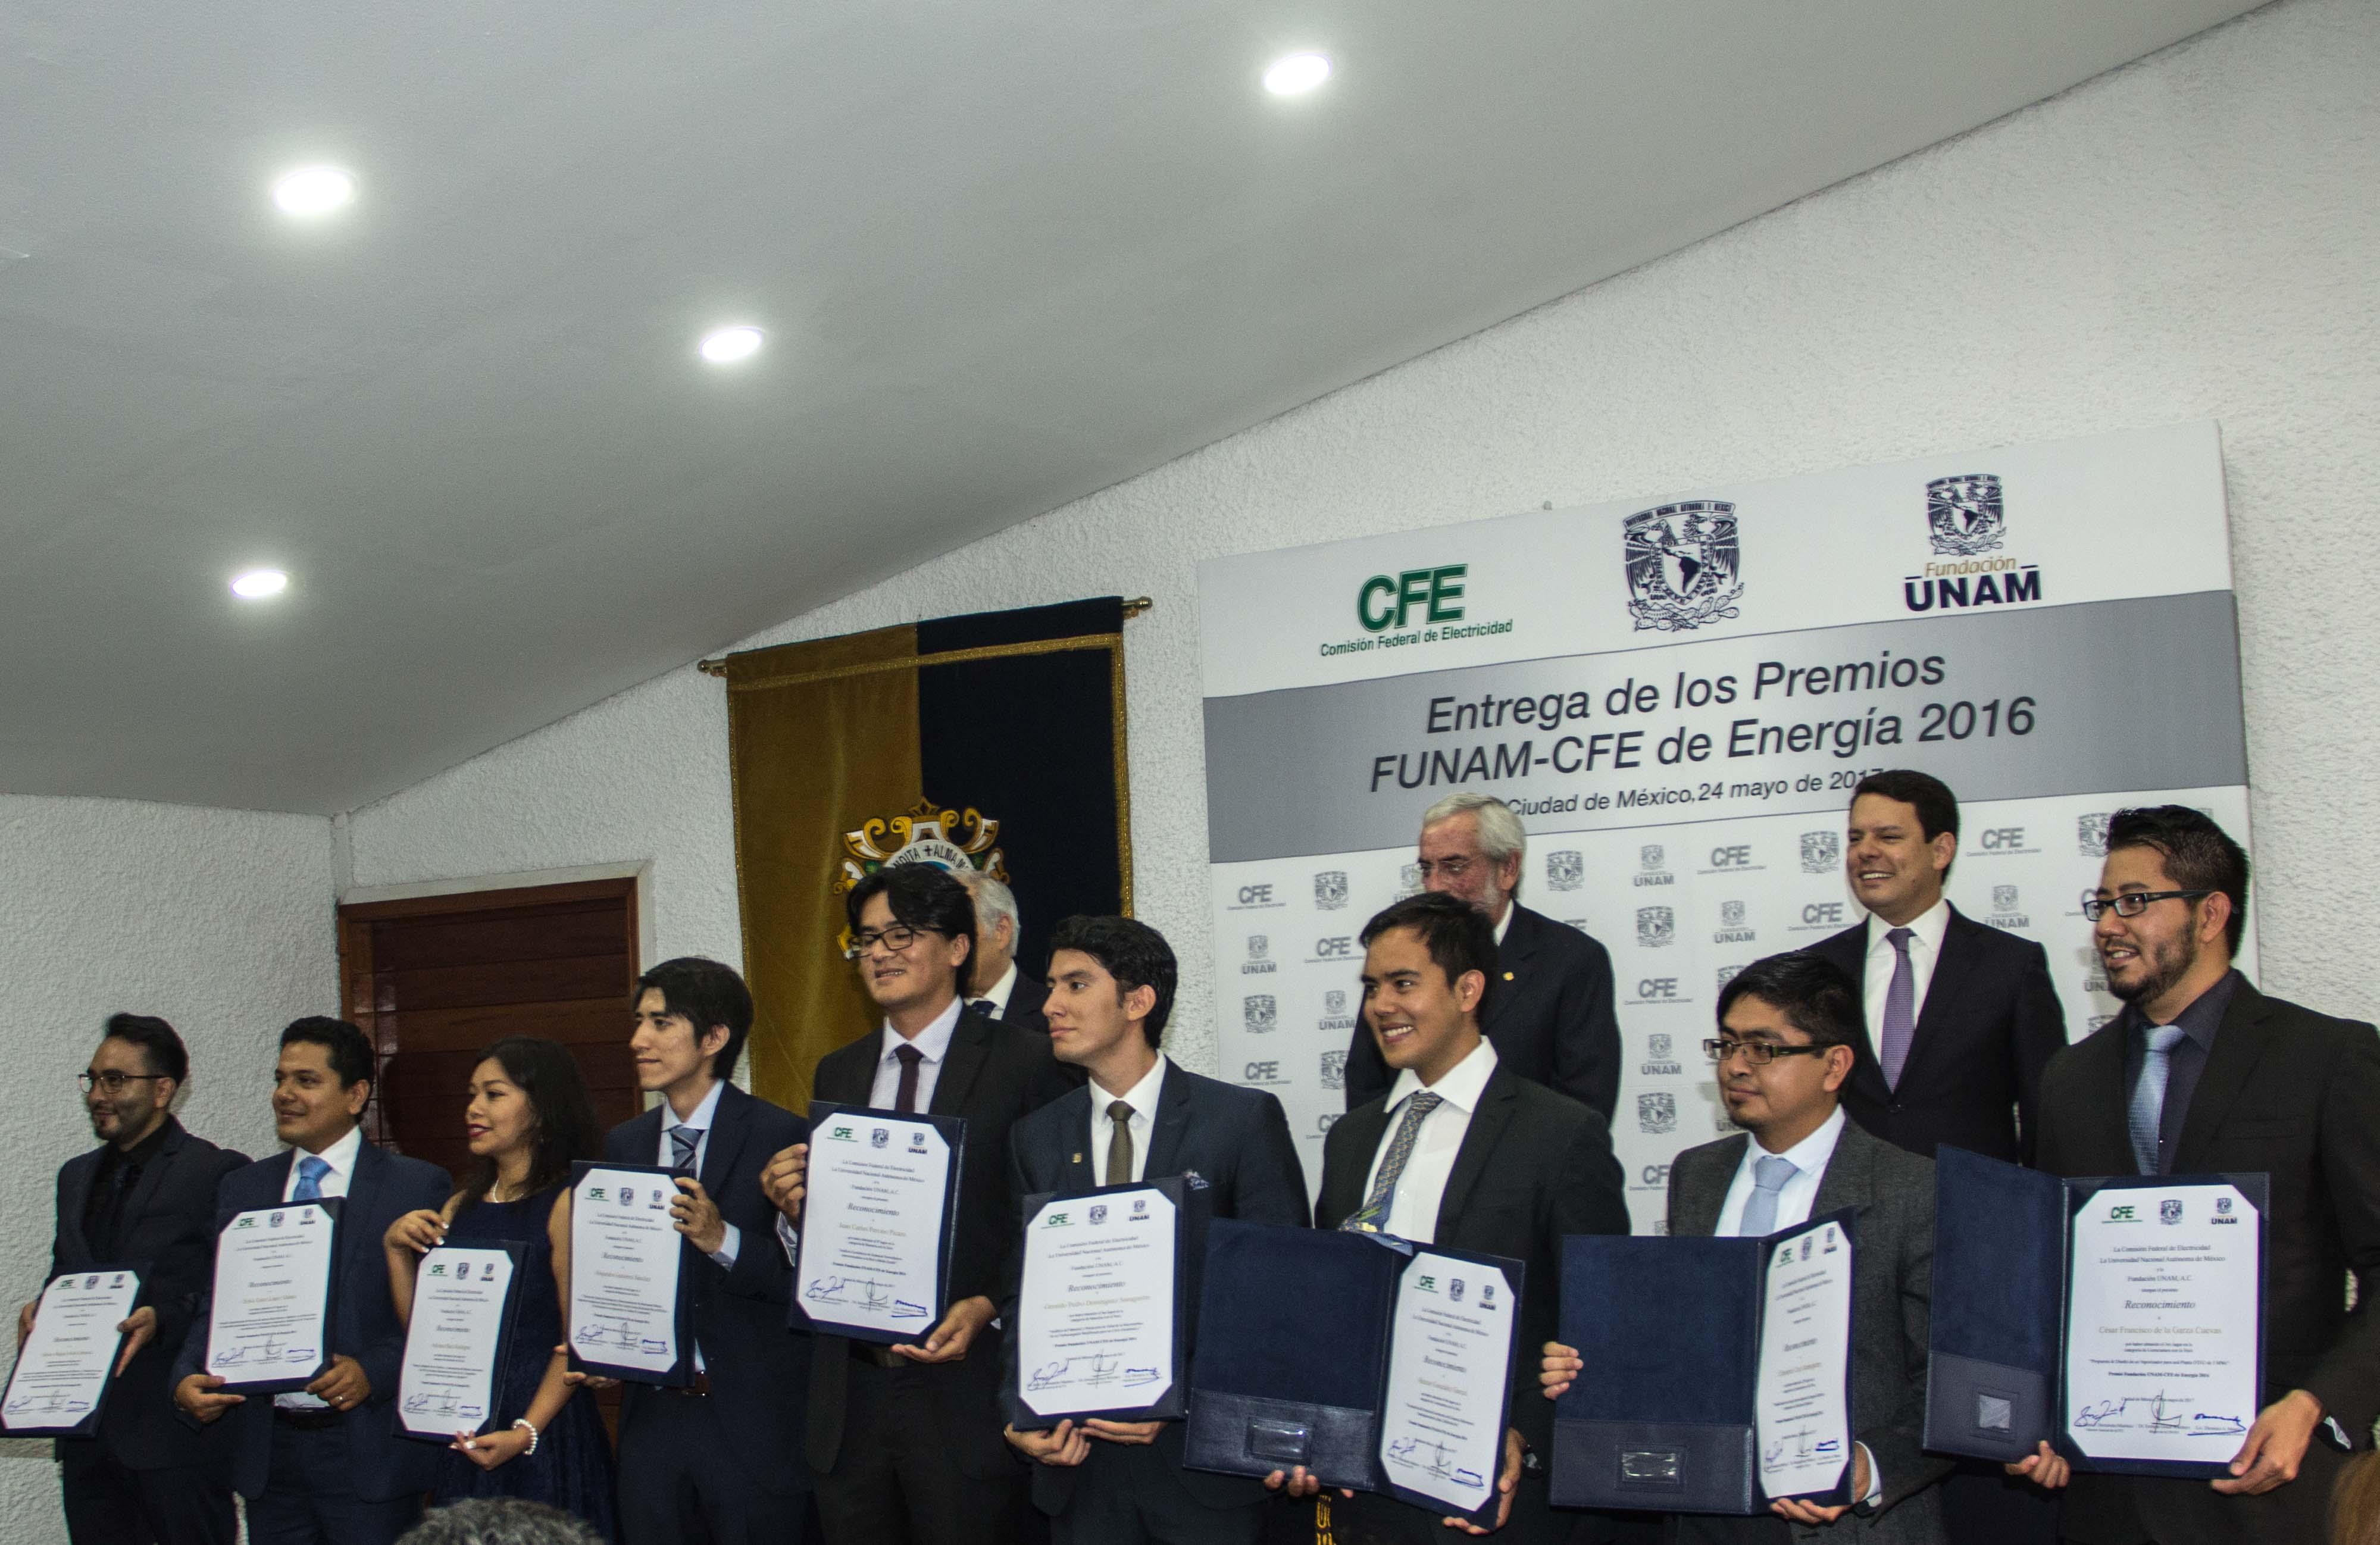 FUNDACIÓN UNAM REALIZA LA ENTREGA DE LOS PREMIOS FUNAM-CFE DE ENERGÍA 2016